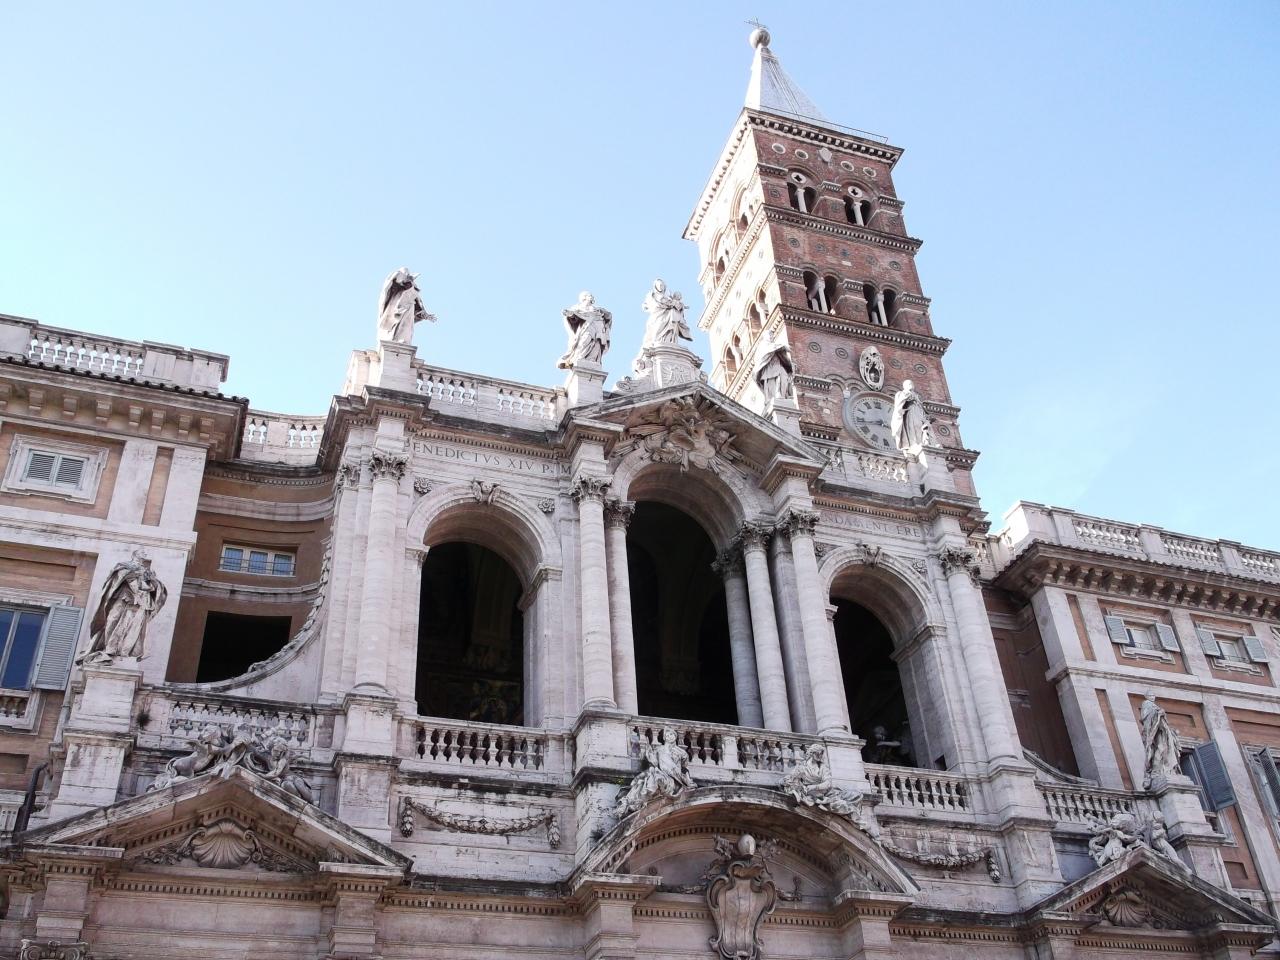 サンタ・マリア・マッジョーレ大聖堂の画像 p1_22